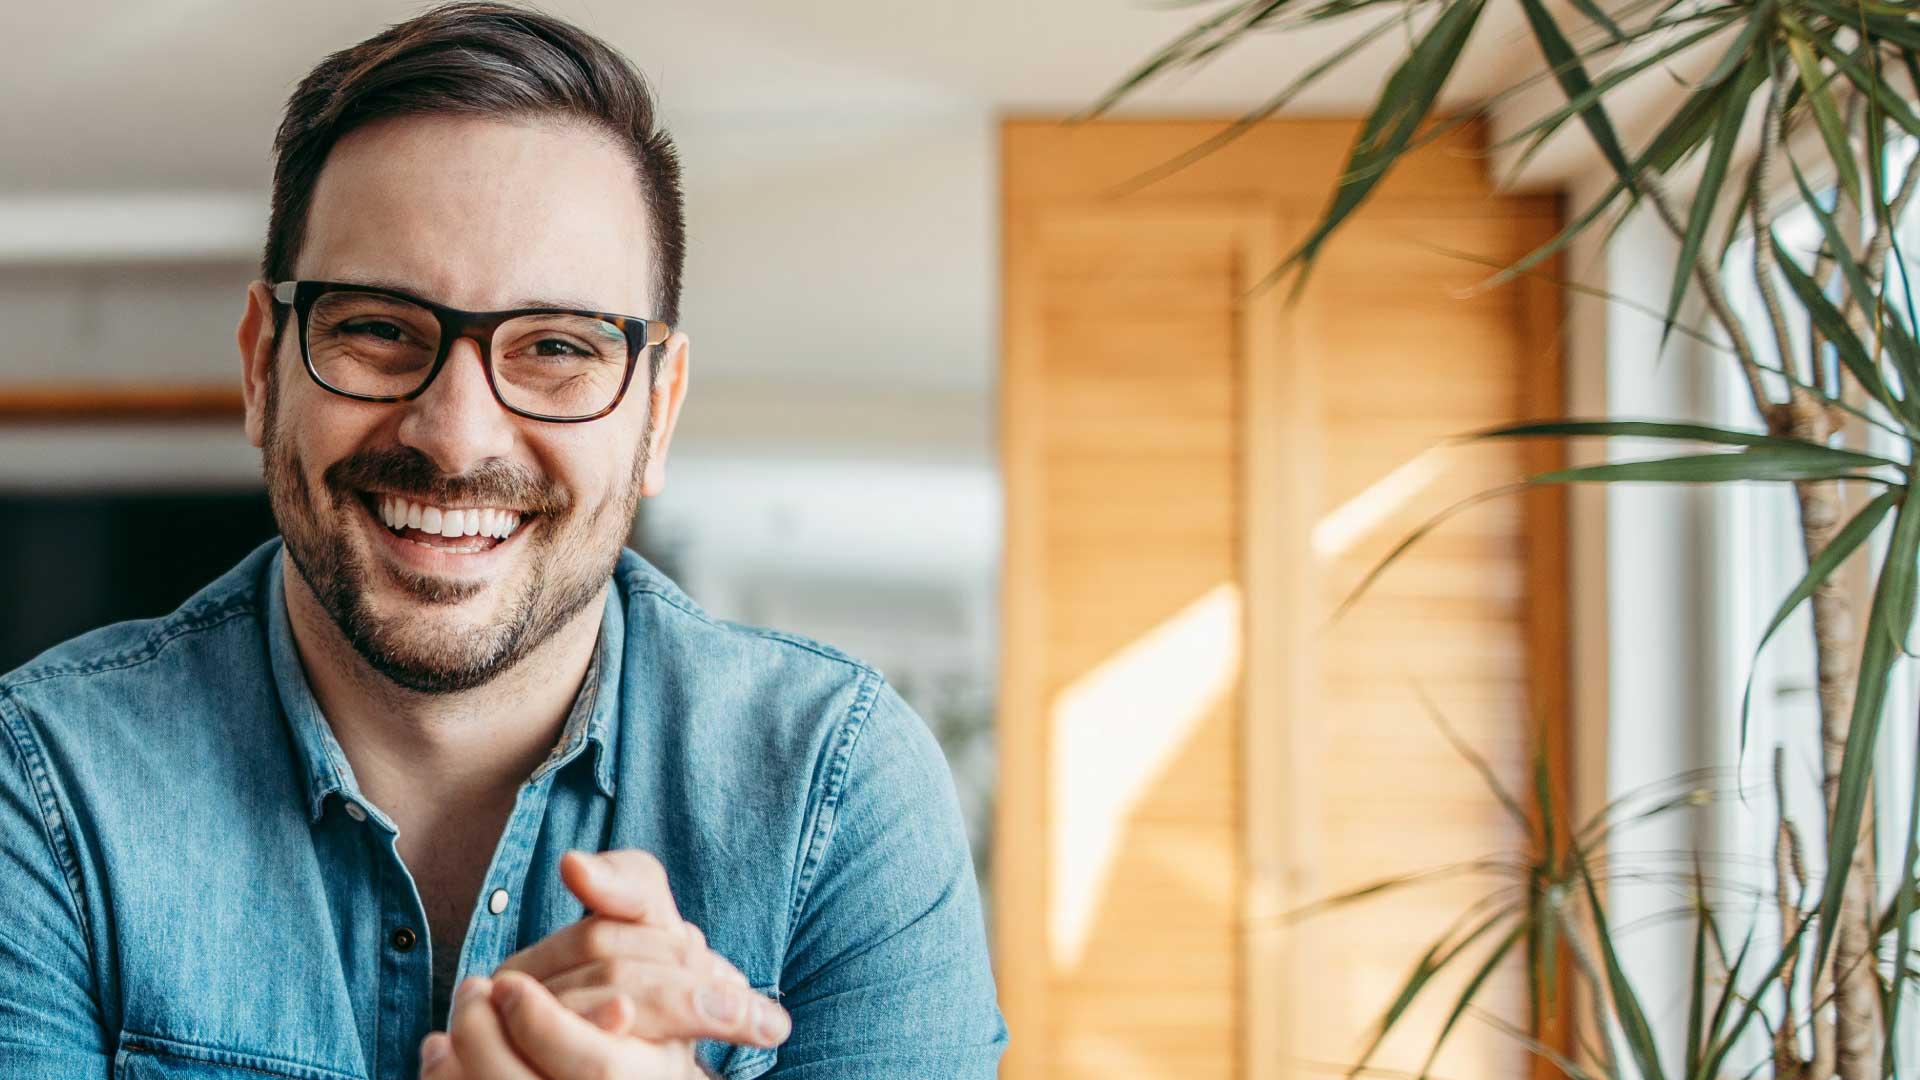 man_smiling_at_desk